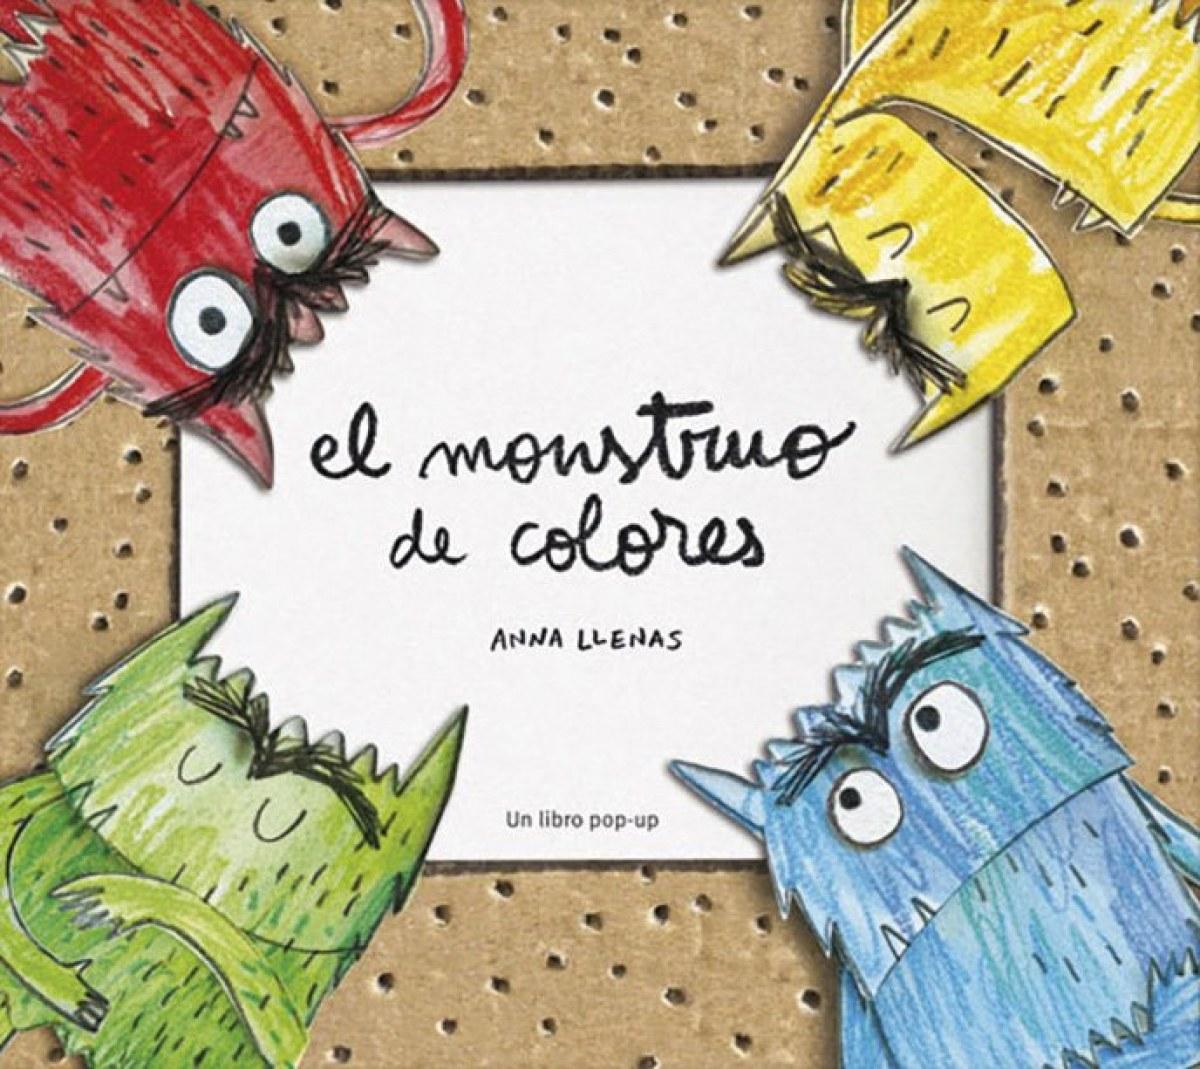 El monstruo de colores (despegable) 9788494157820